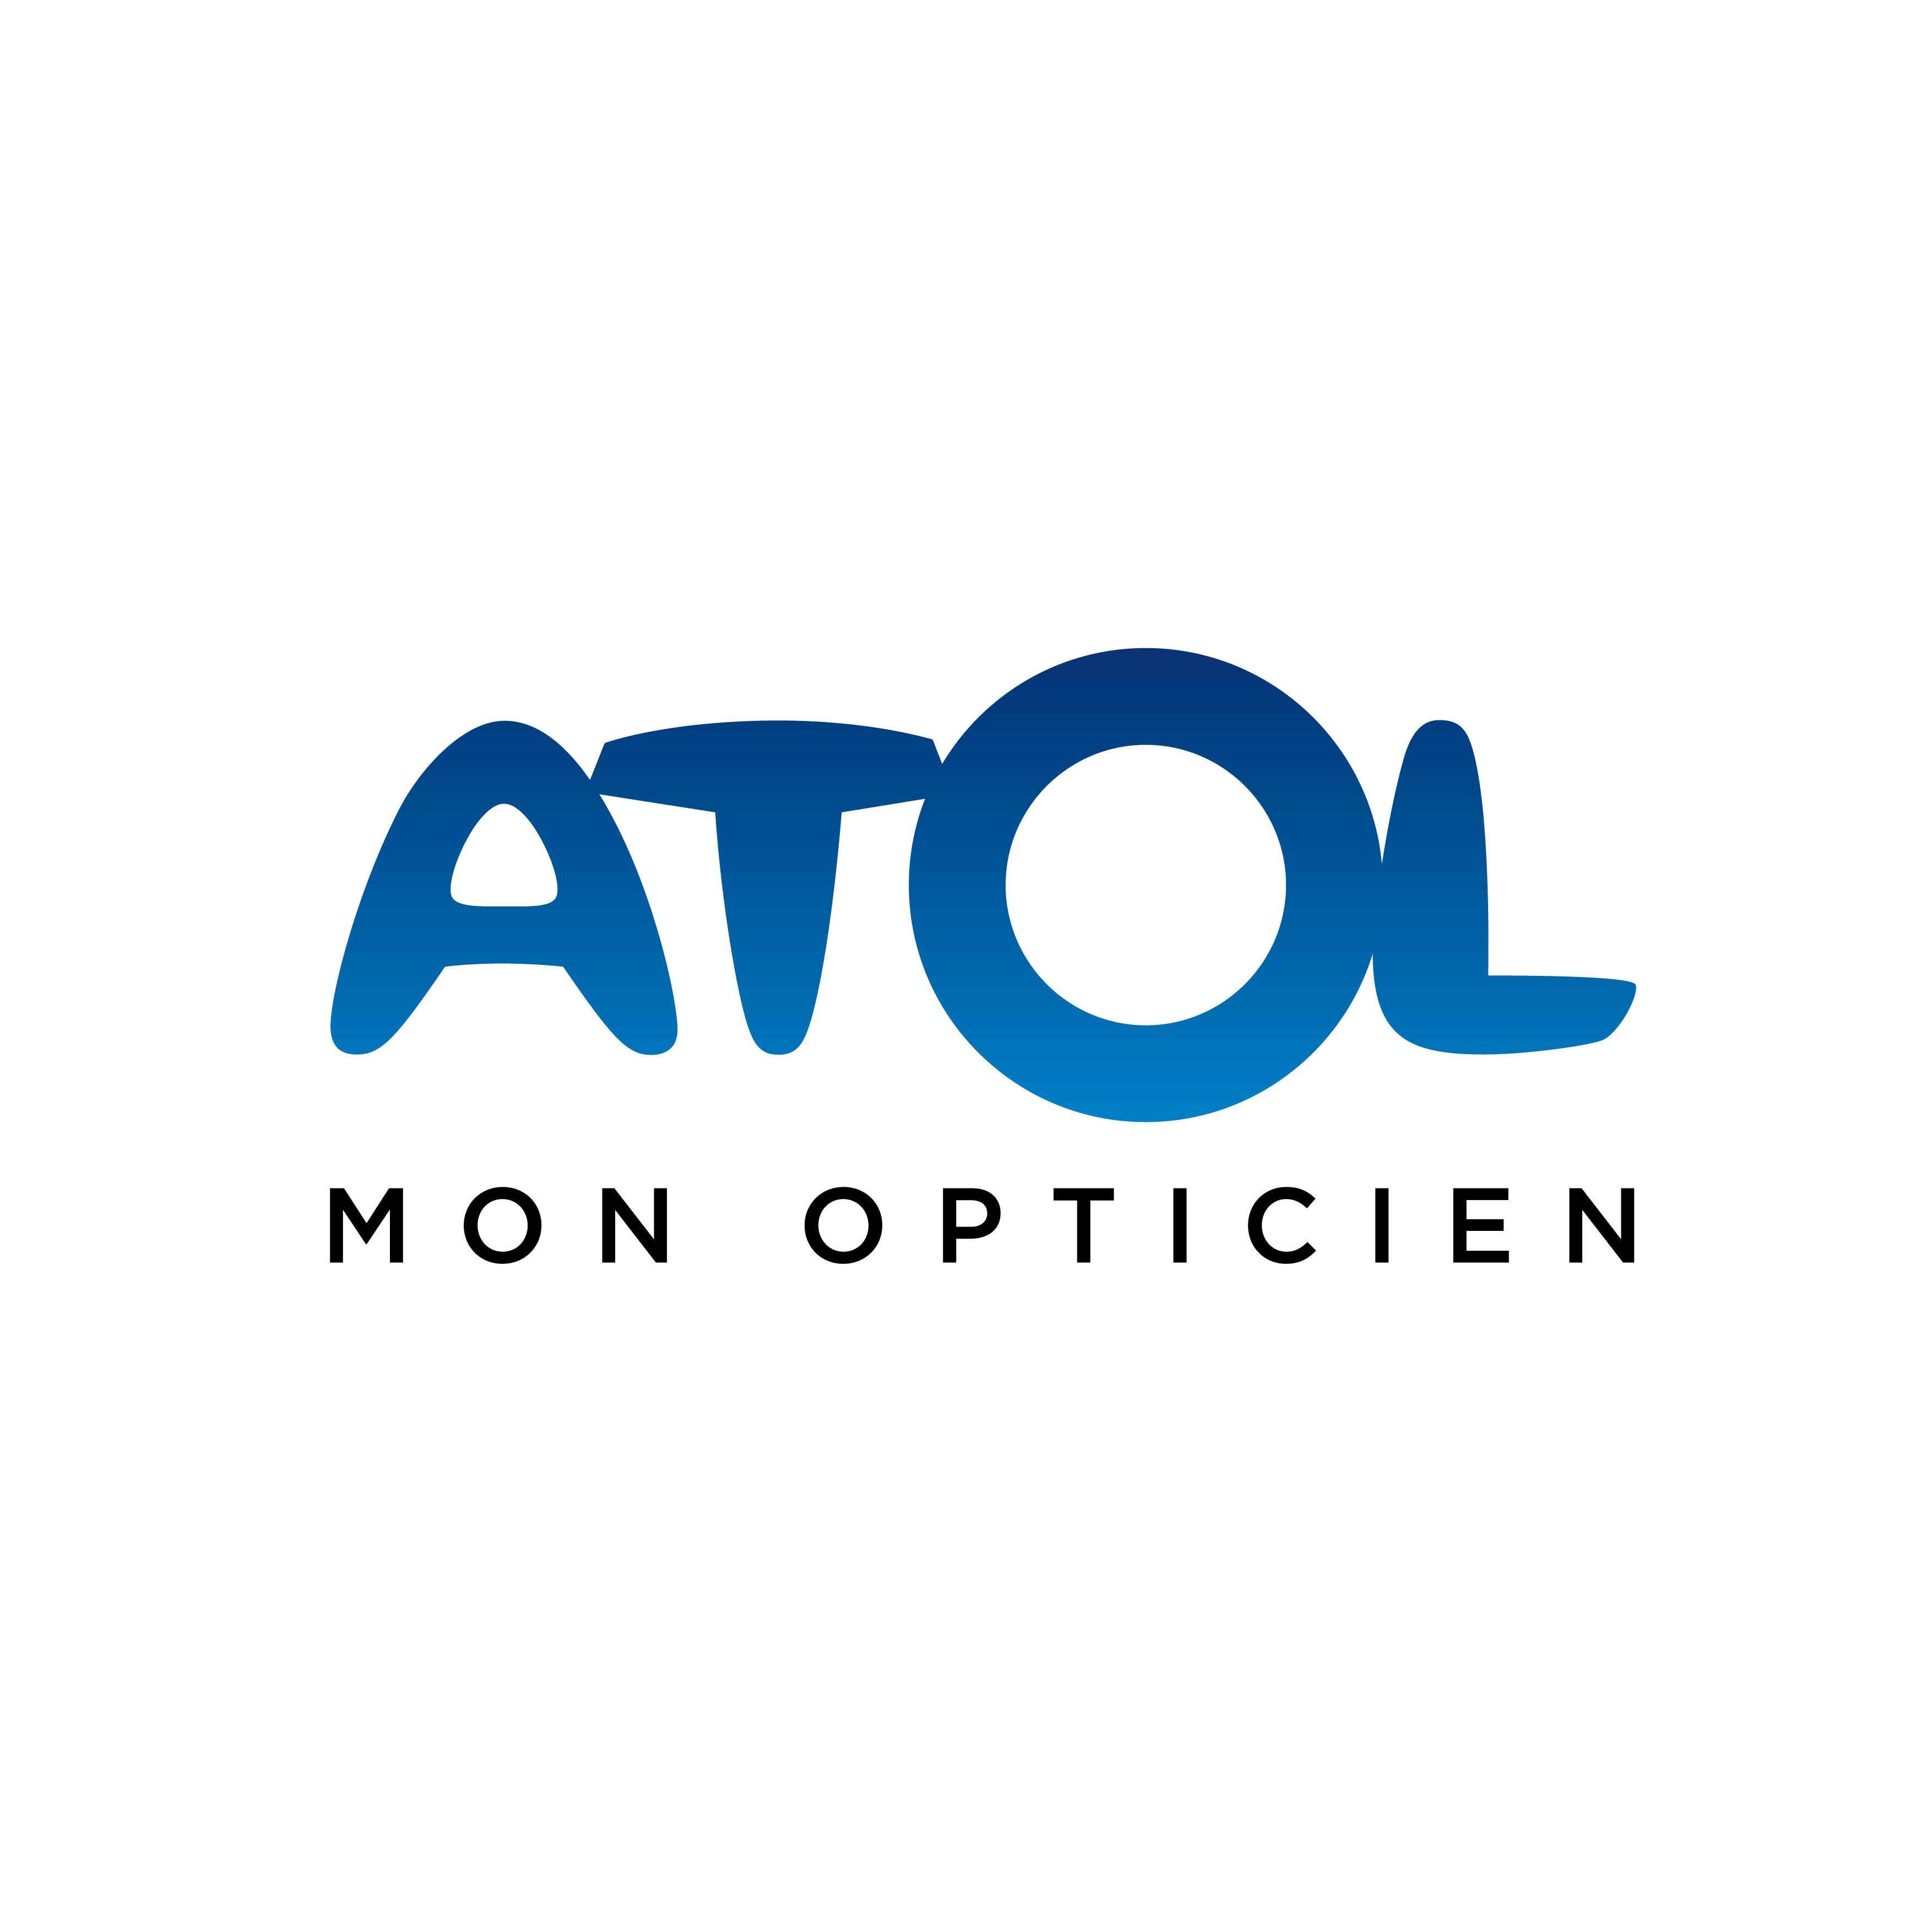 Atol Mon Opticien Montaigu